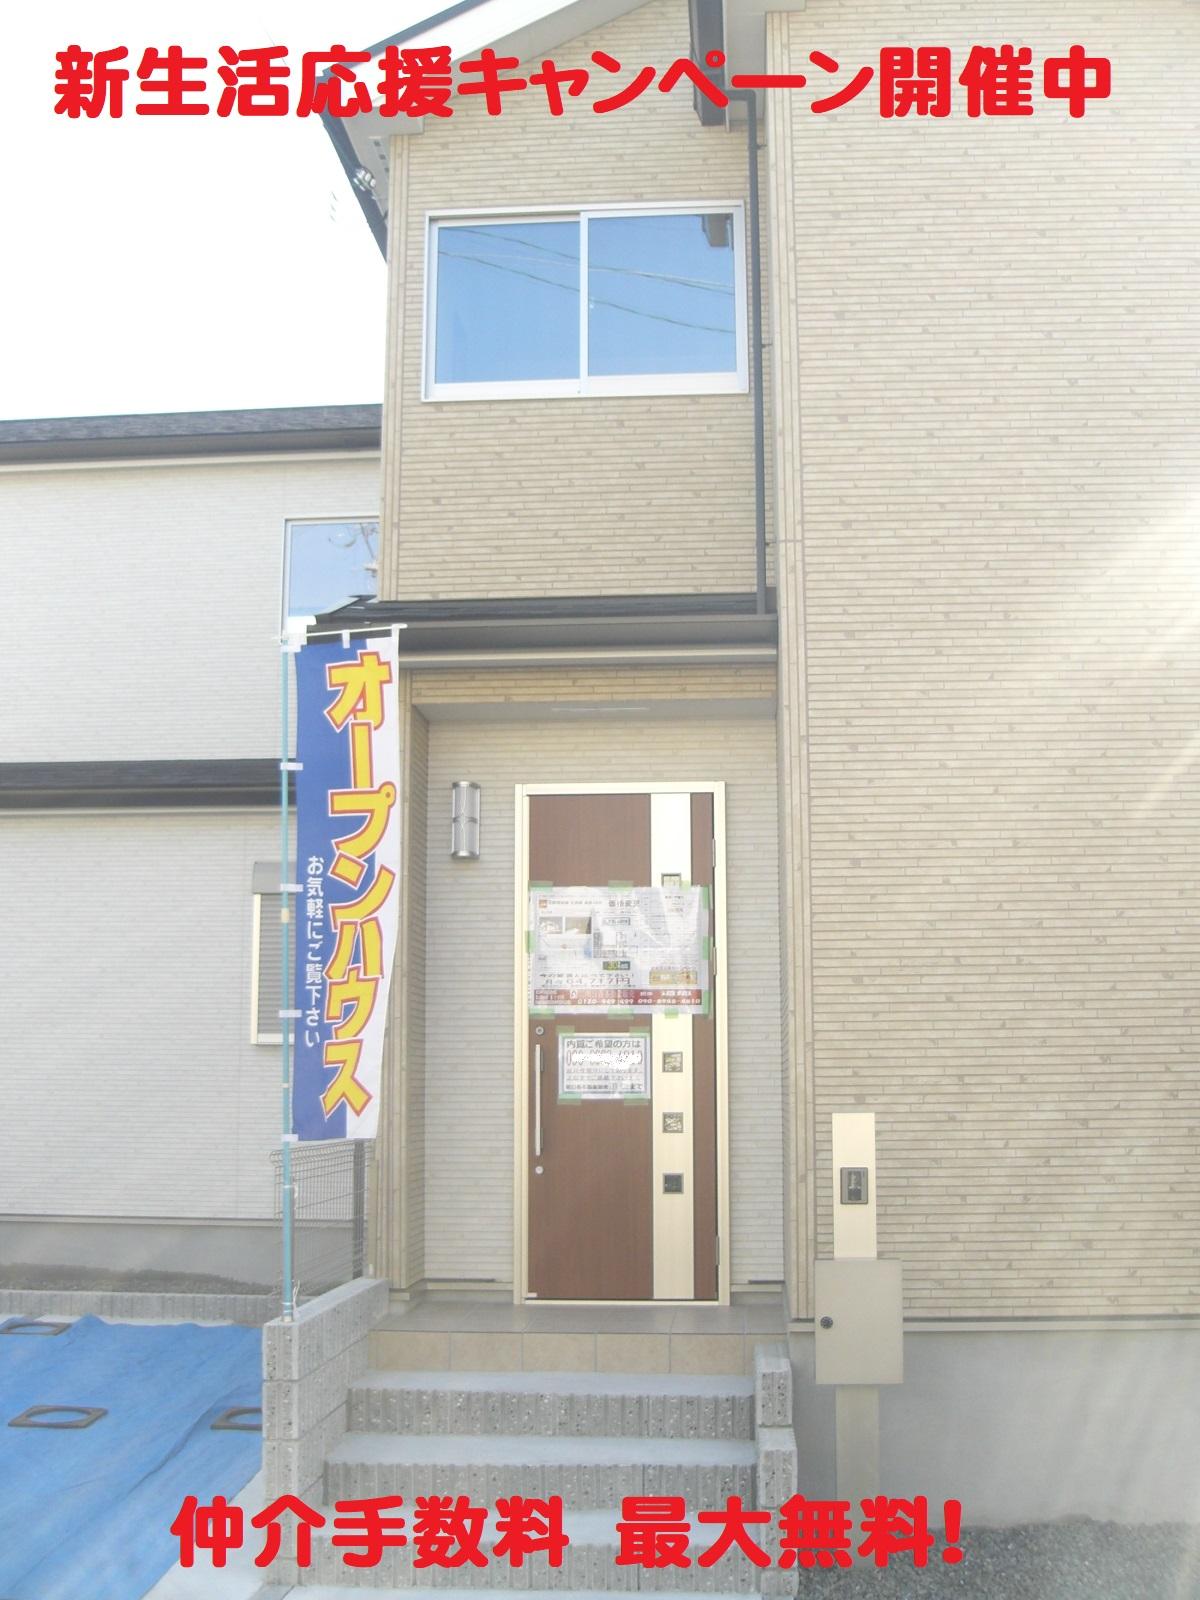 田原本町 新築 ご購入で、仲介手数料 最大無料です。